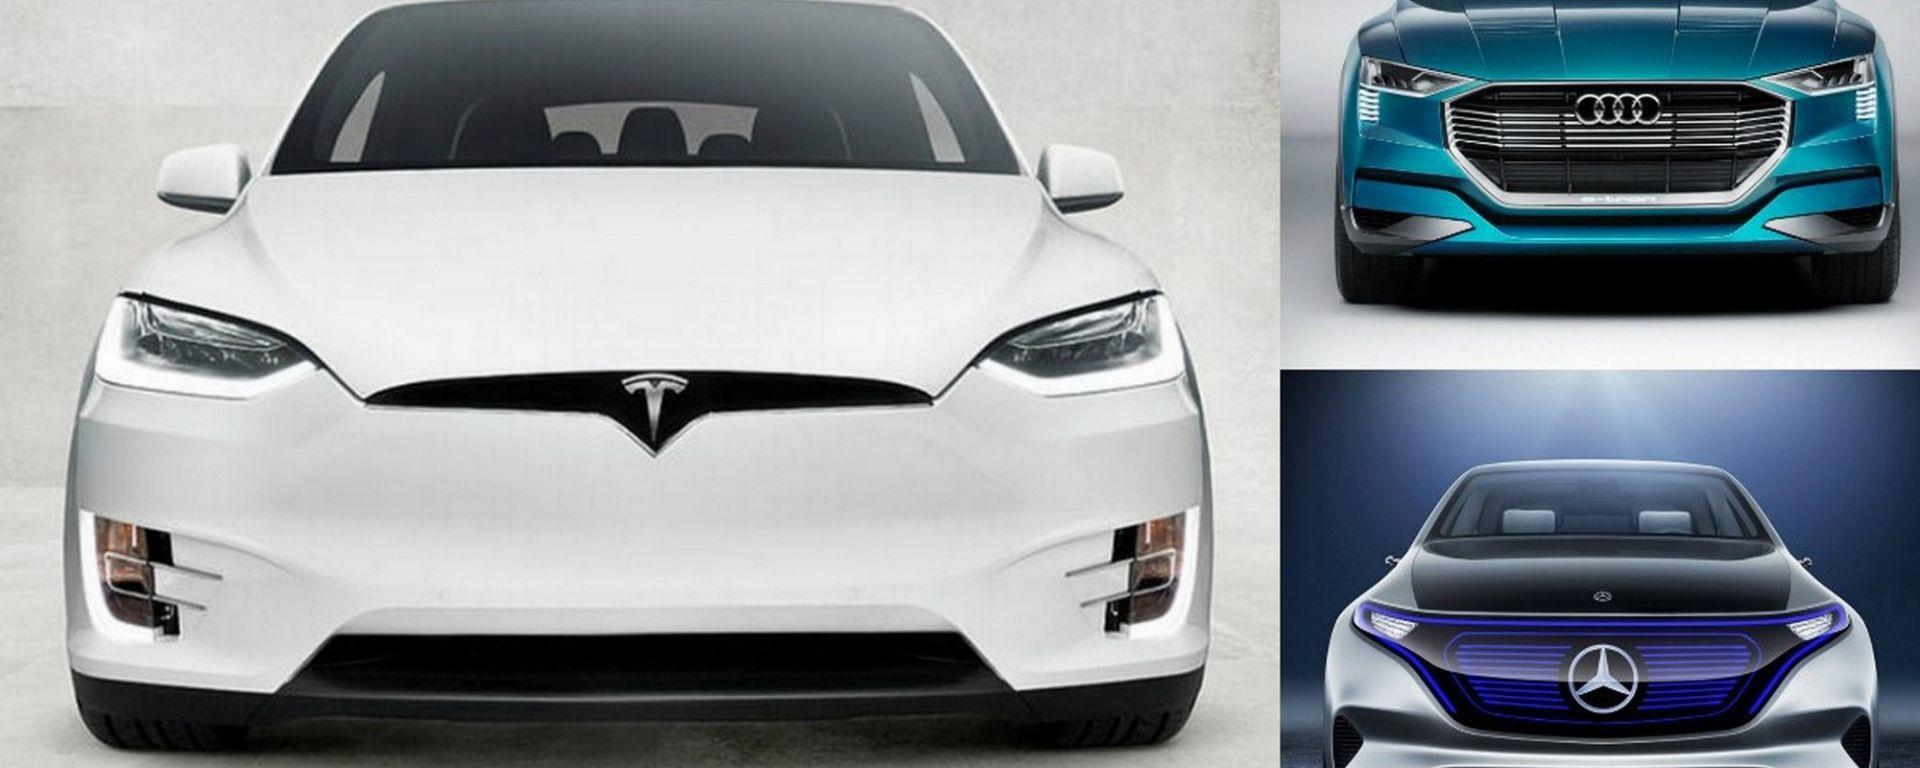 Tesla Model X, a confronto con le nuove concorrenti Audi e-tron e Mercedes EQC